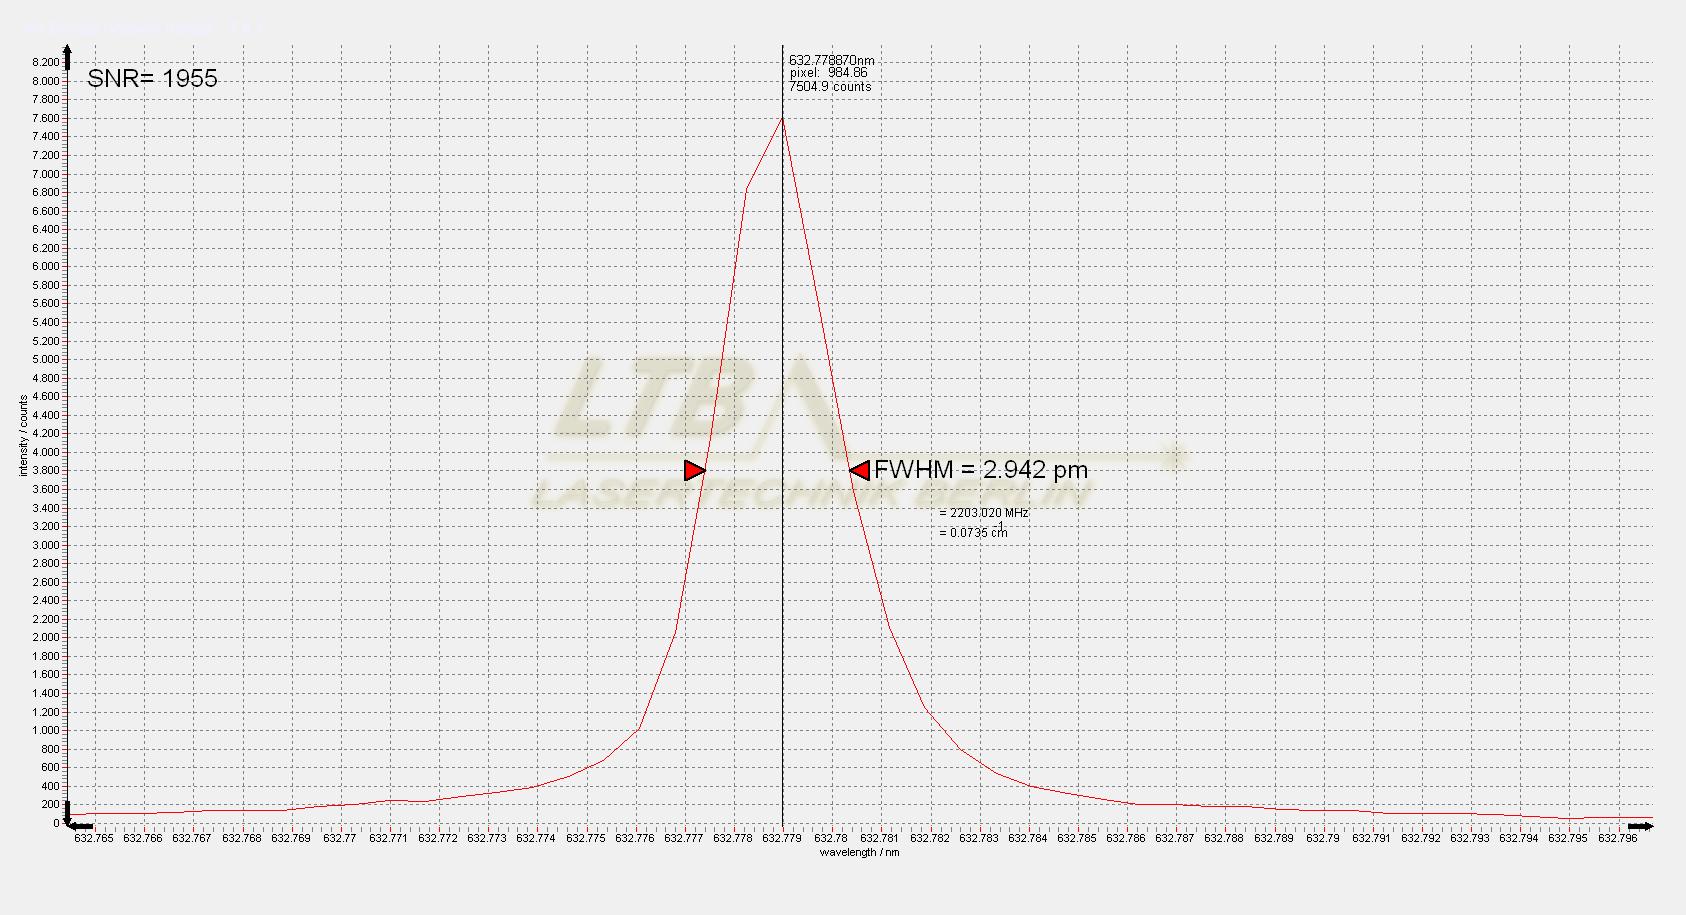 Super DEMON 632 nm slit Spektrum